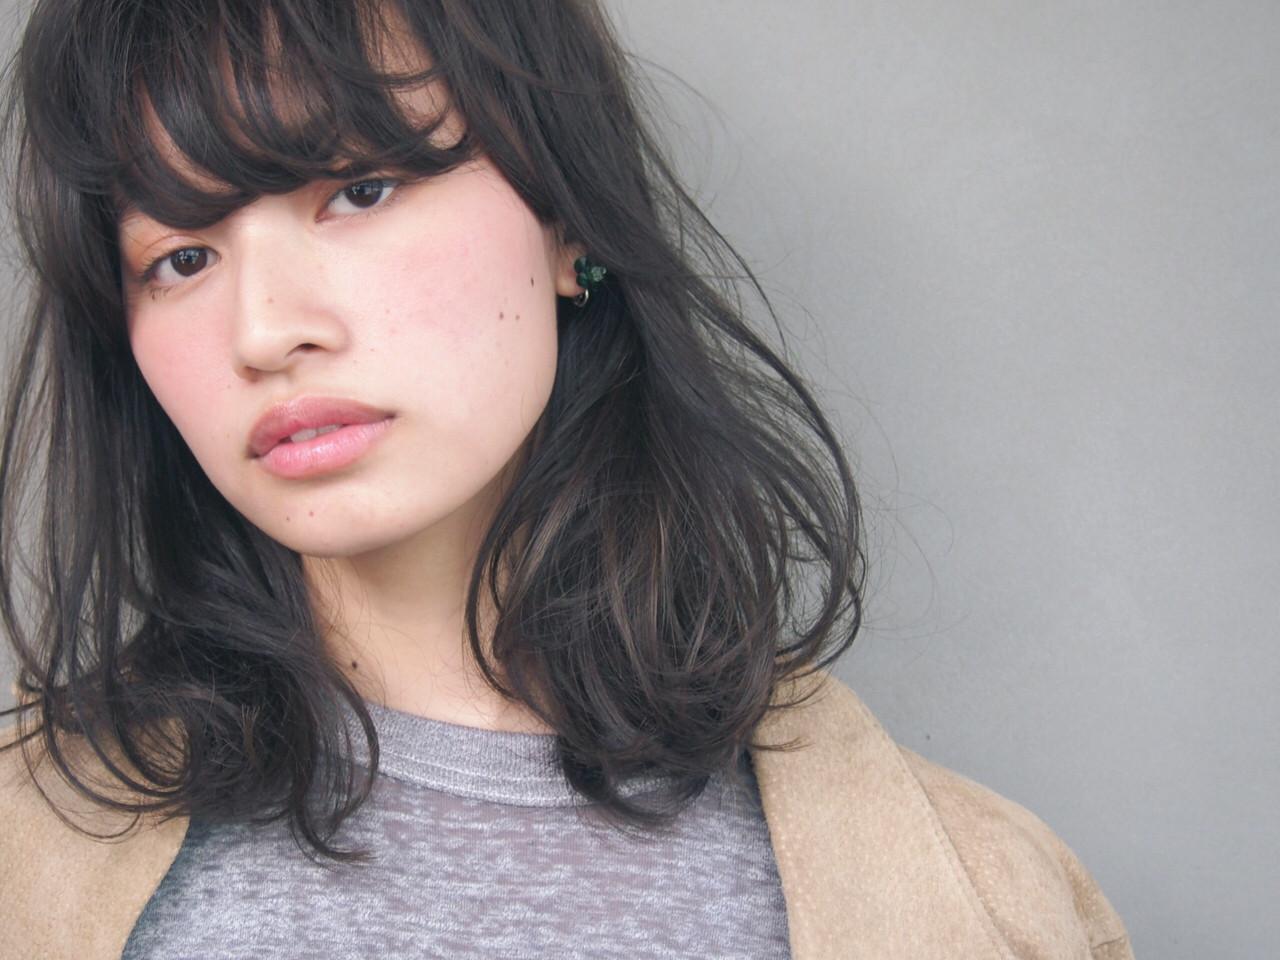 ミディアム 暗髪 パーマ 大人かわいい ヘアスタイルや髪型の写真・画像